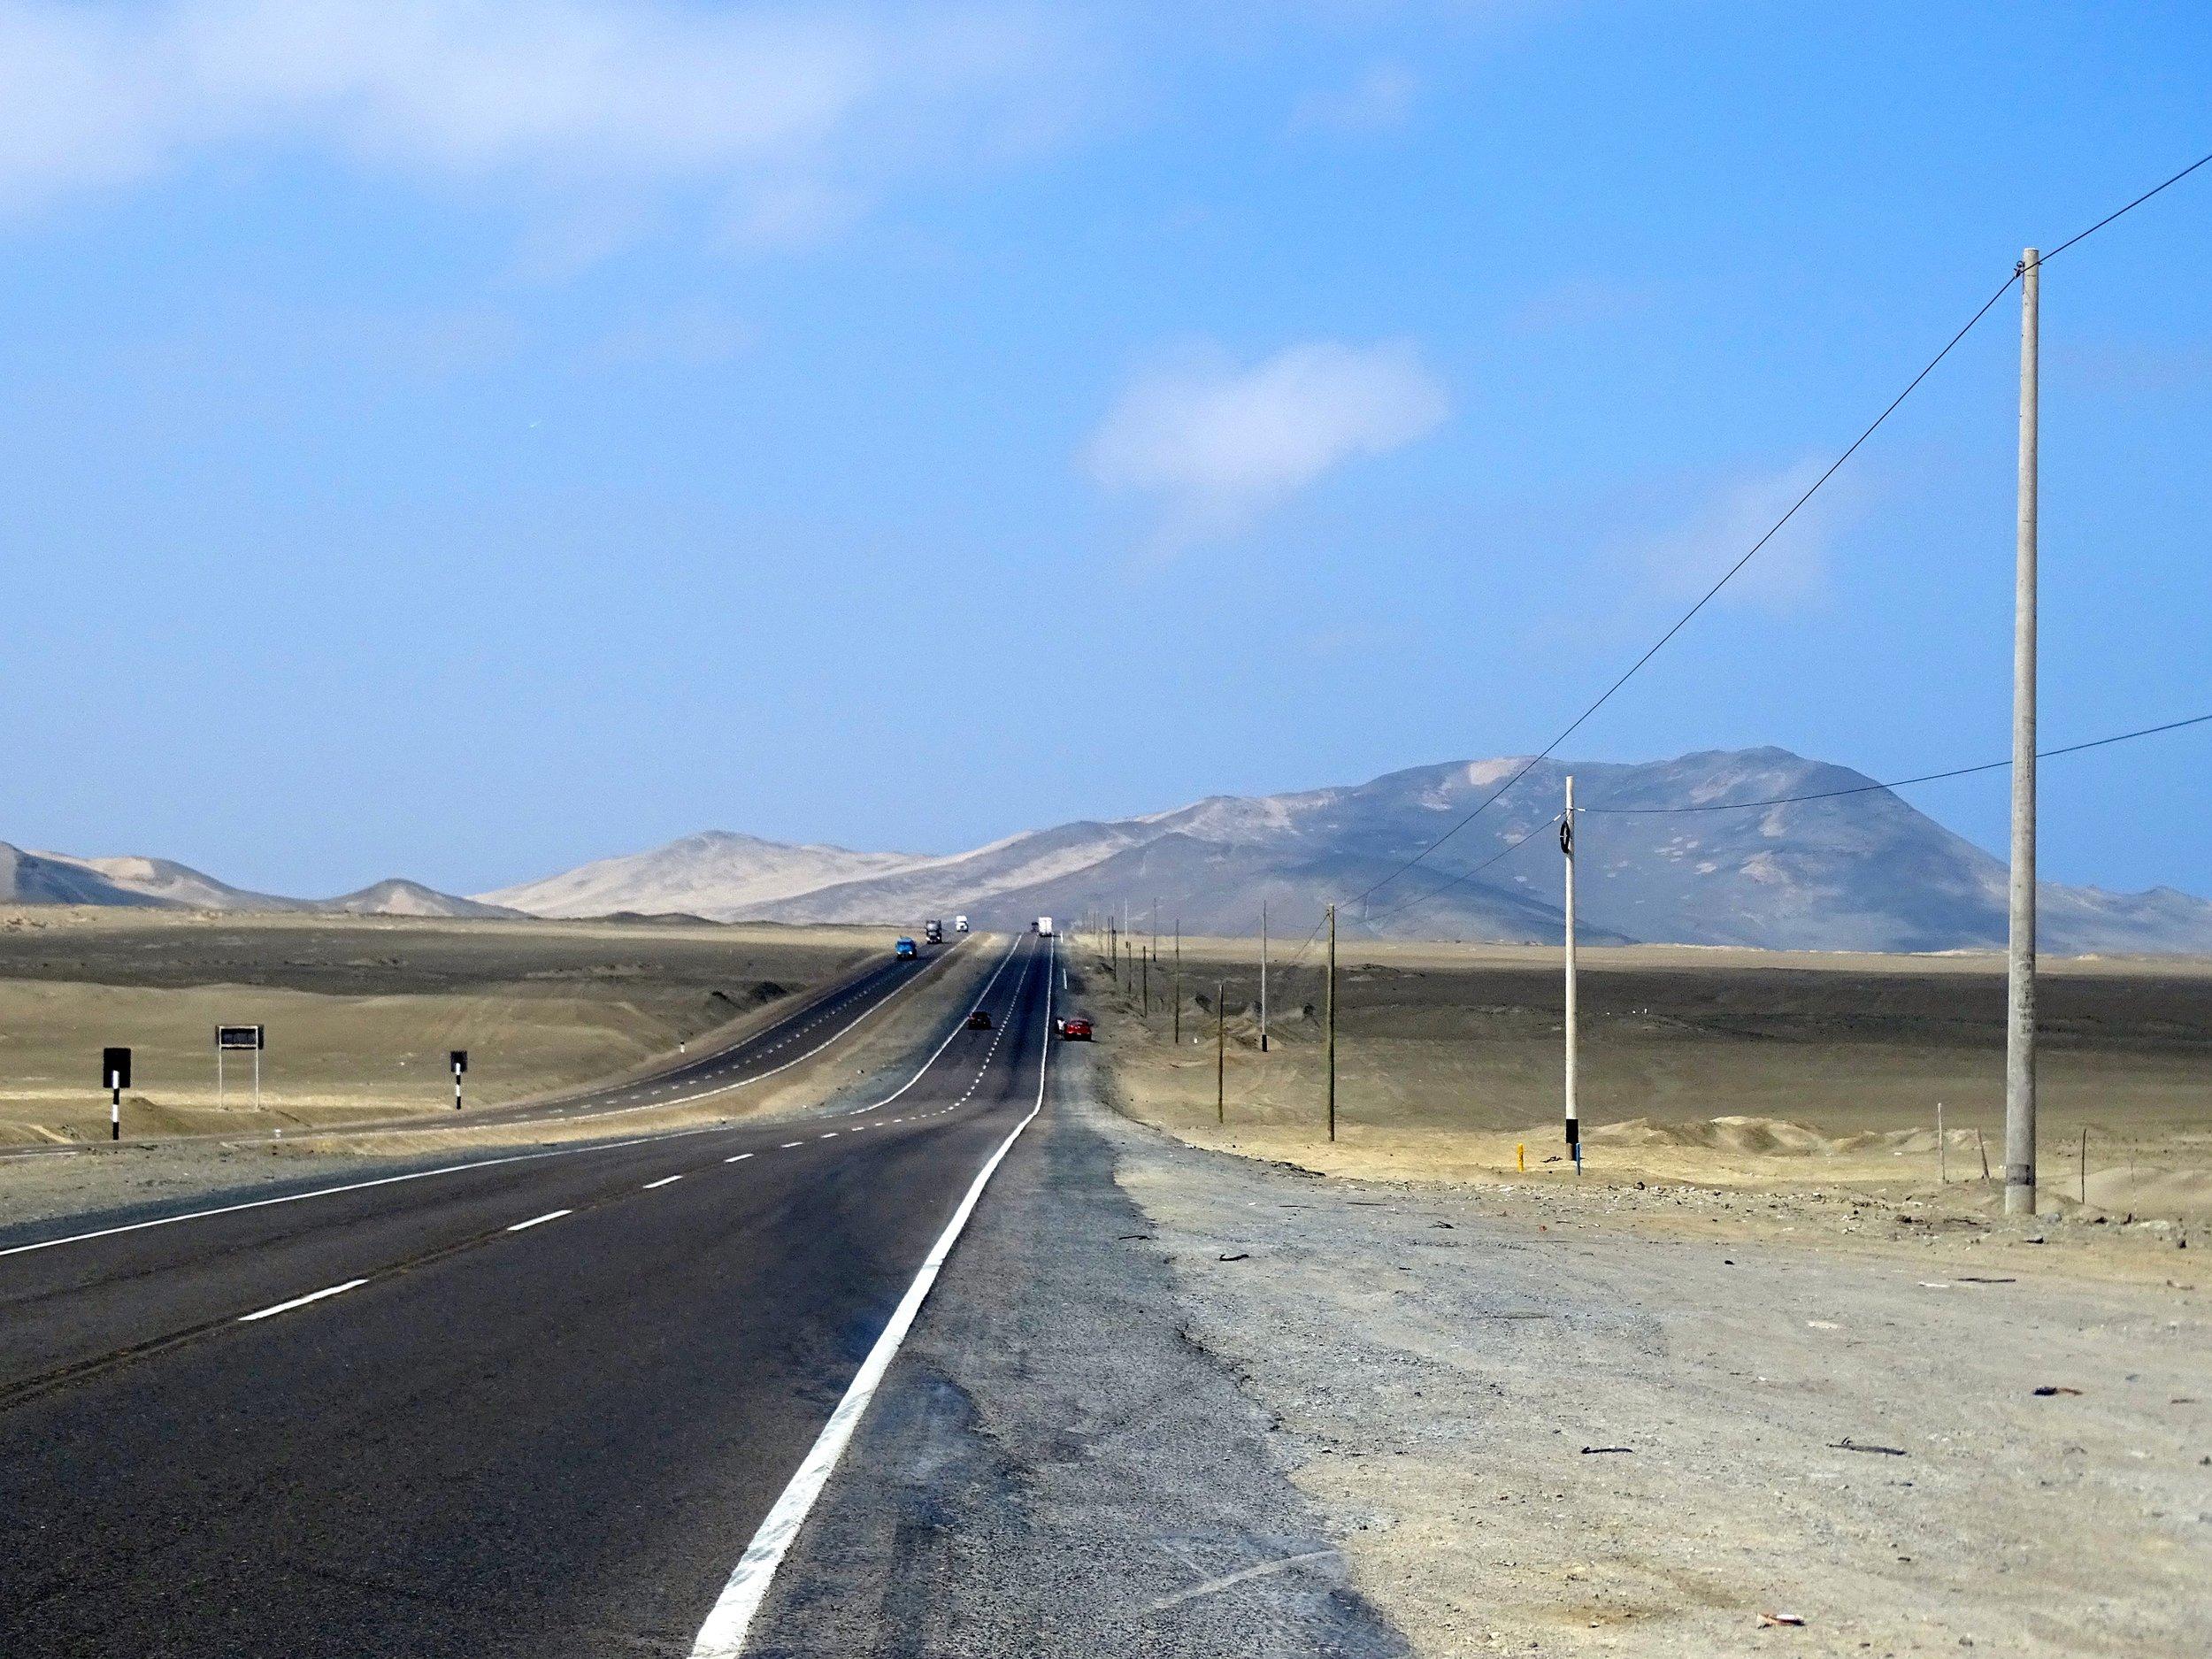 Dry, dry desert land.